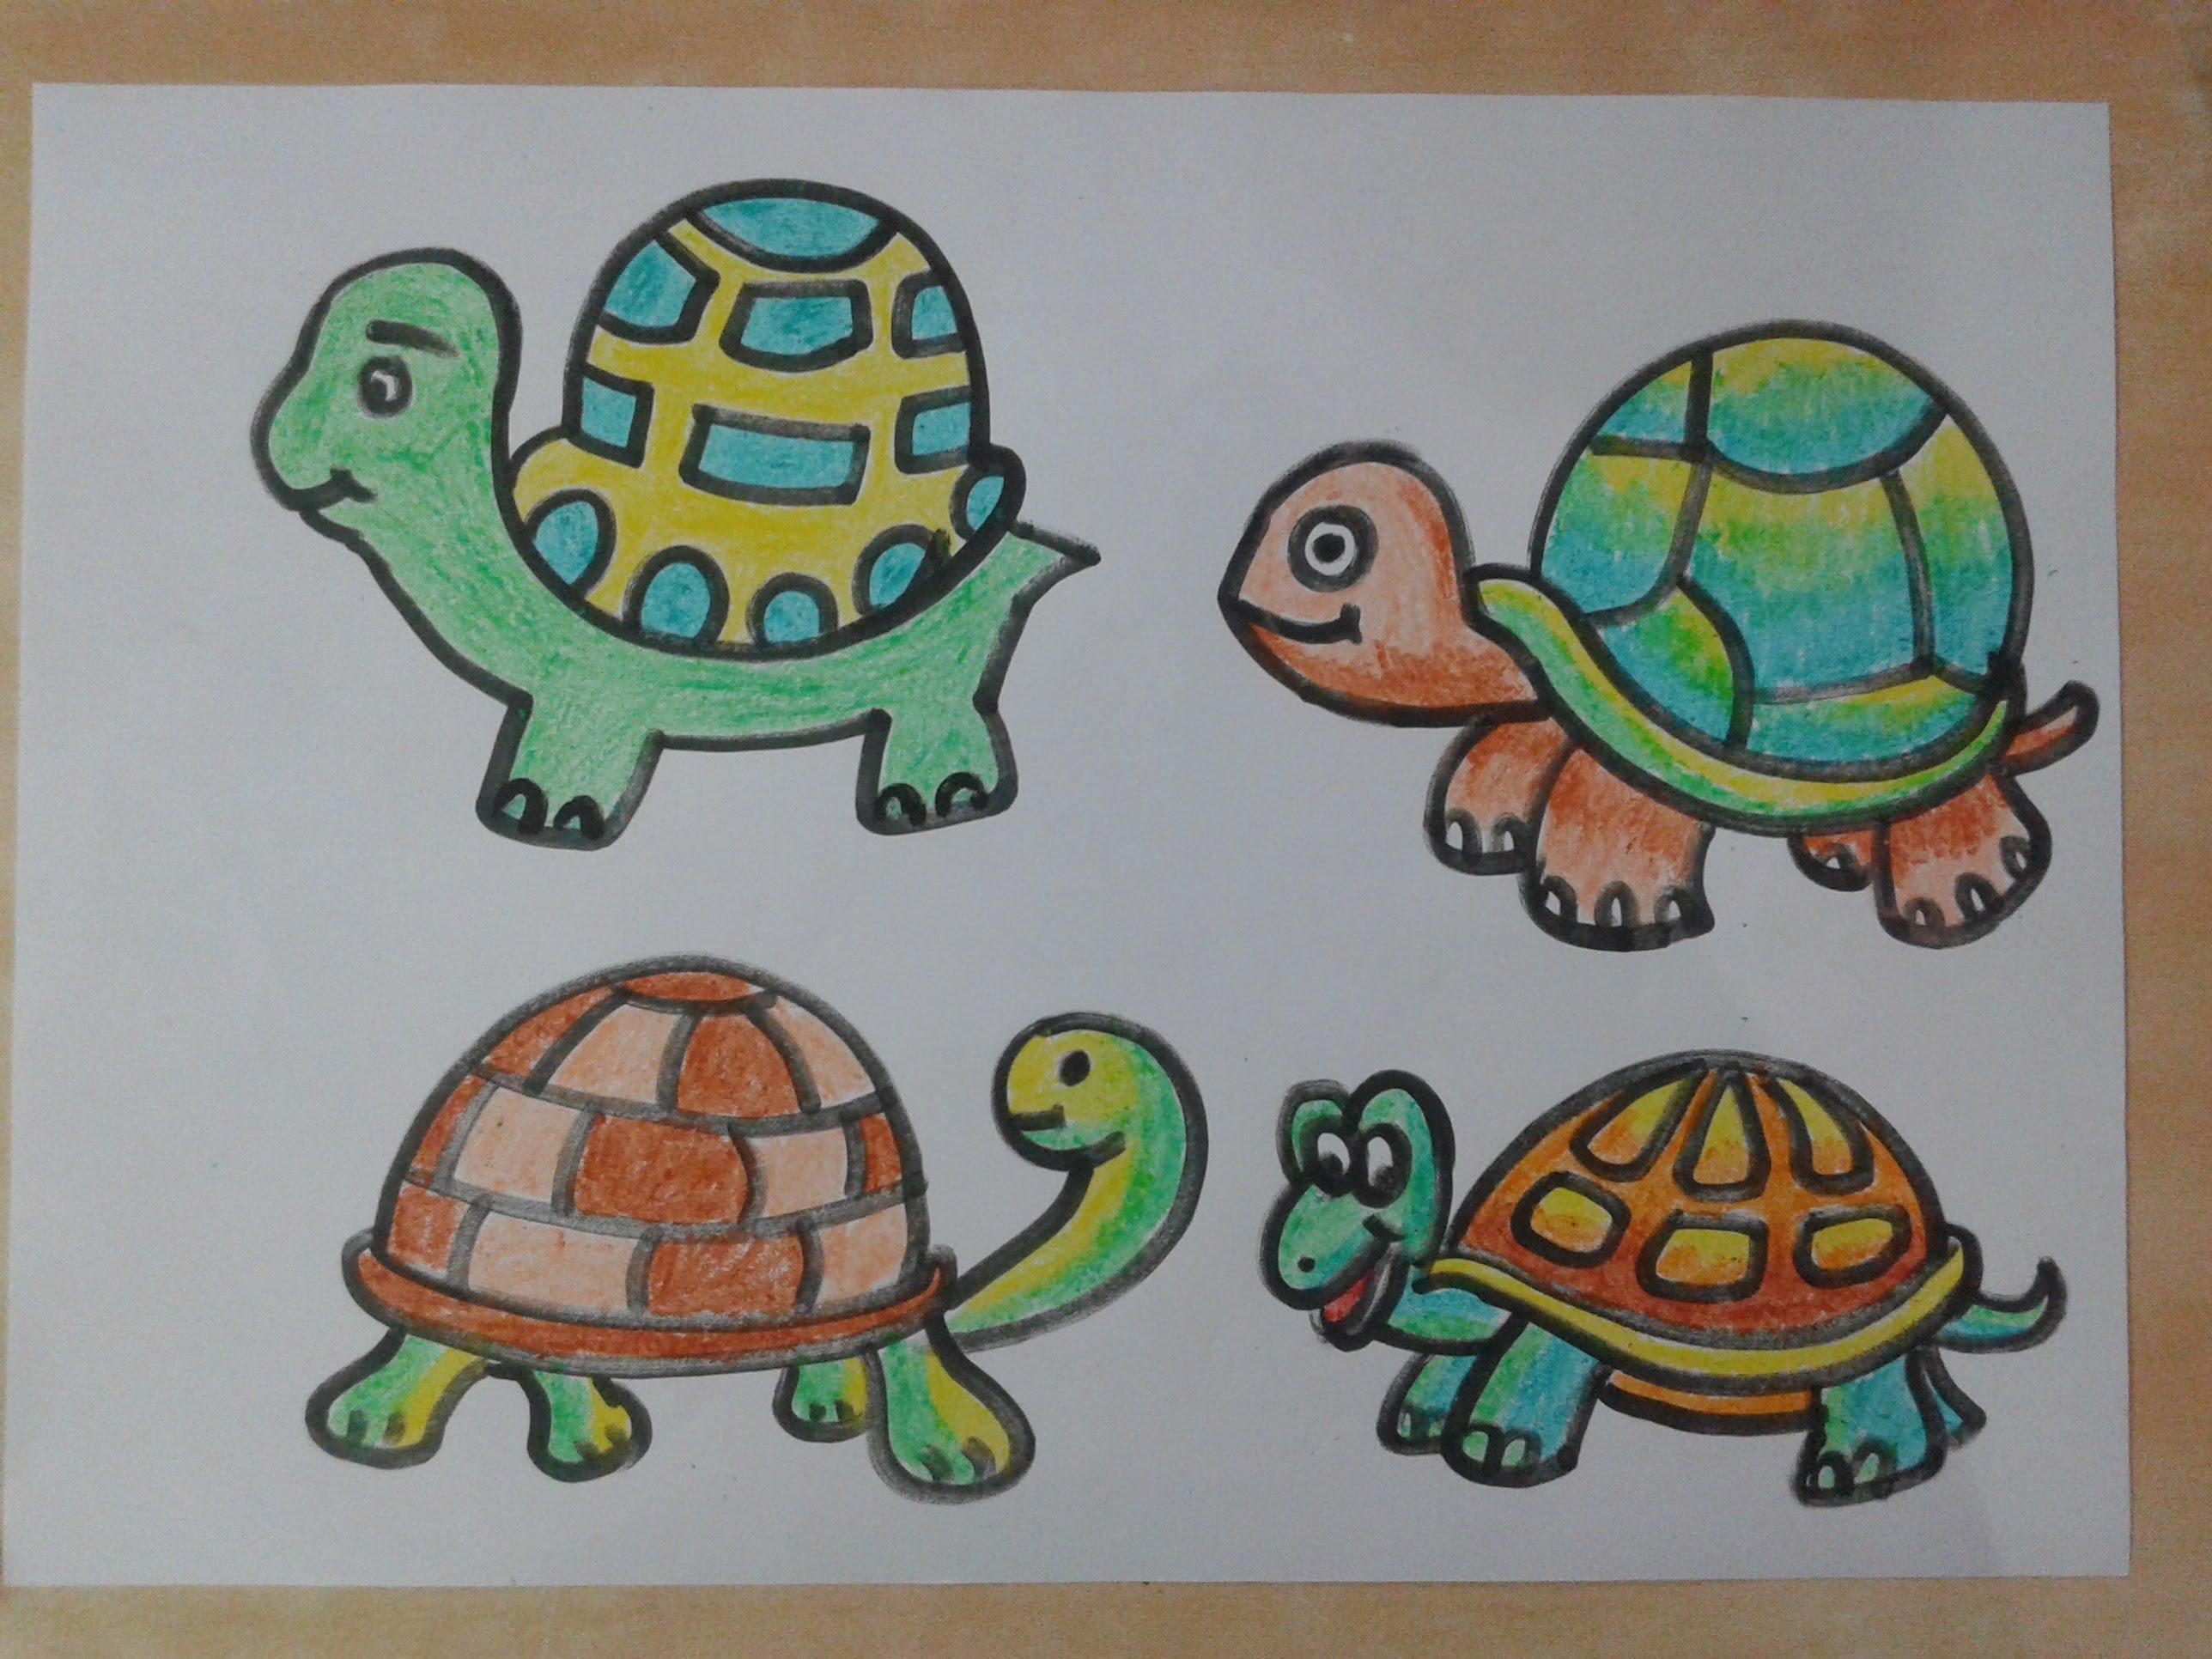 2576x1932 How To Draw Tortoise